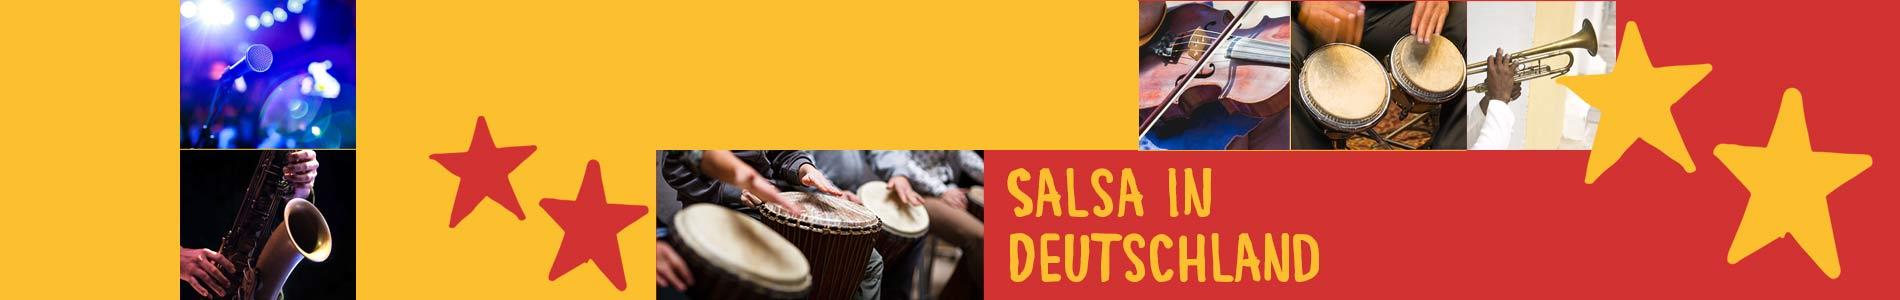 Salsa in Deinste – Salsa lernen und tanzen, Tanzkurse, Partys, Veranstaltungen